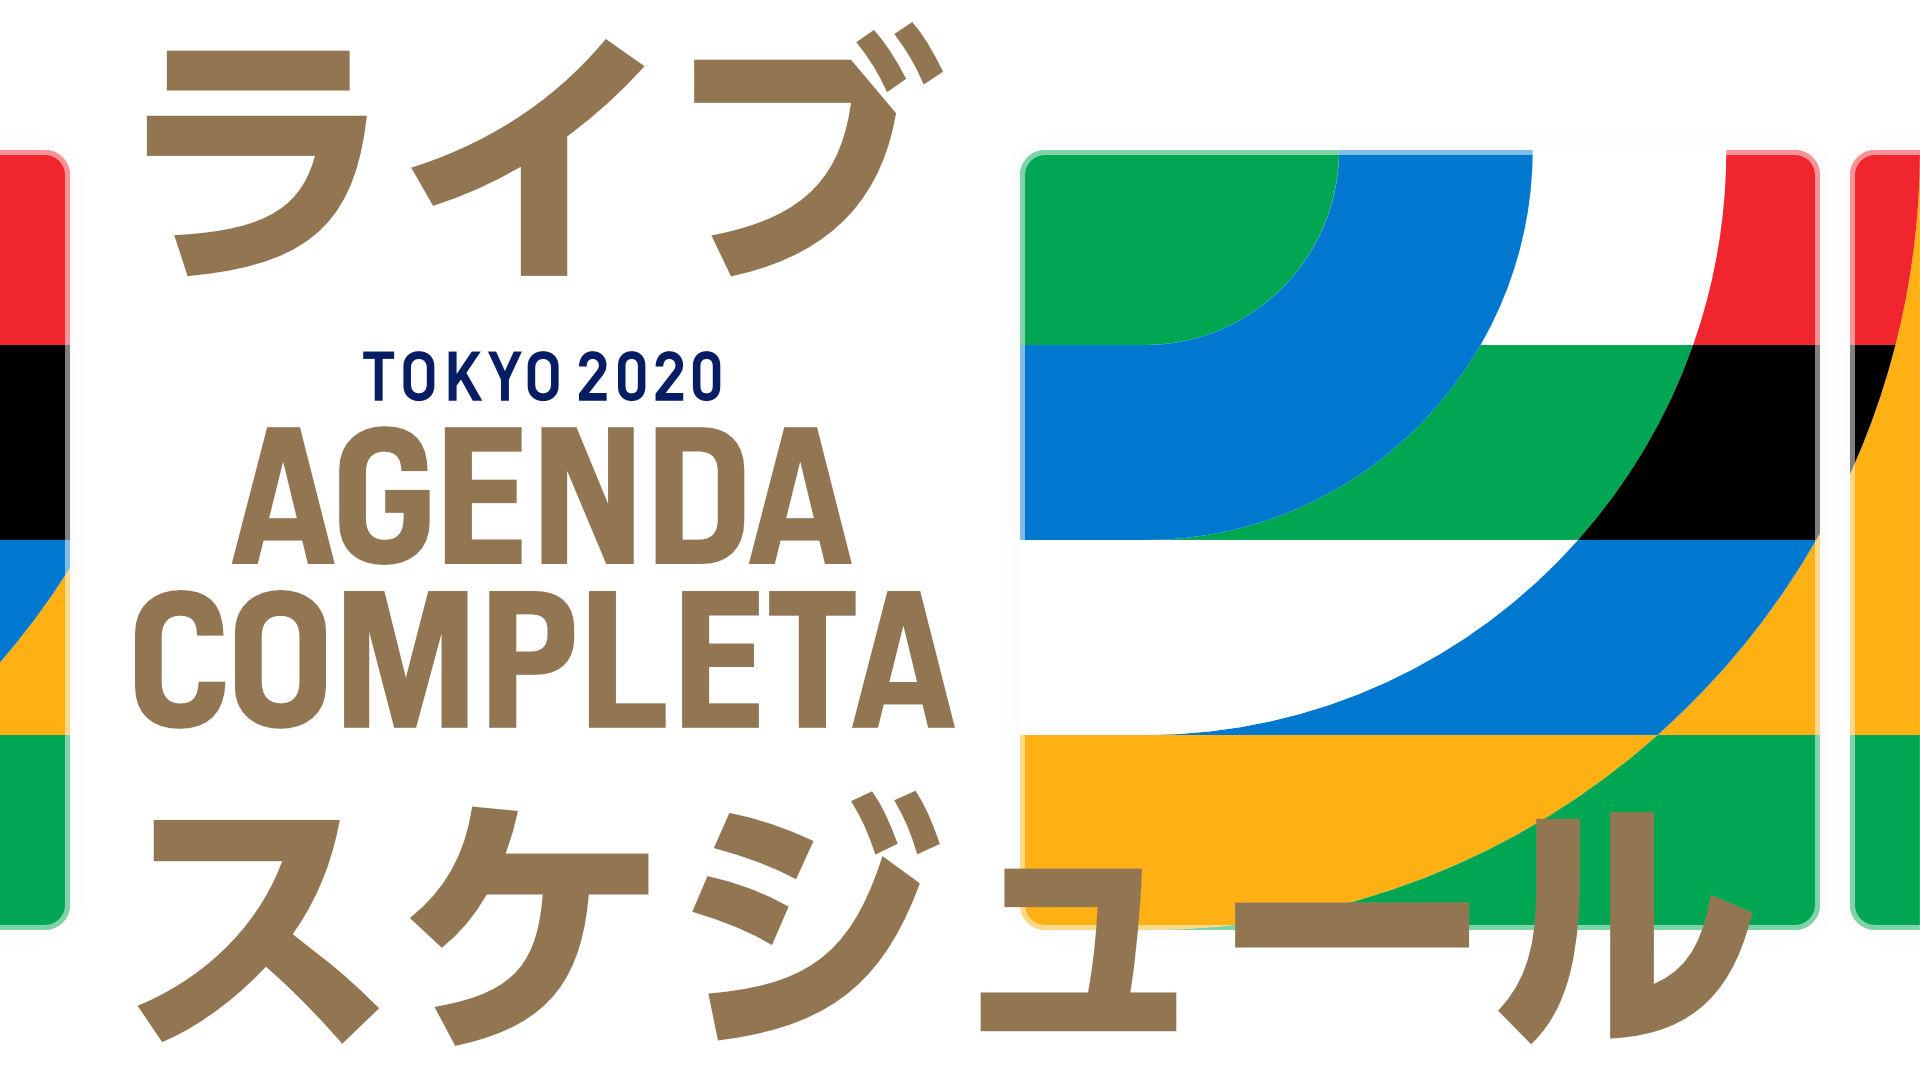 Agenda de transmisiones: Calendario y horarios de Tokyo 2020